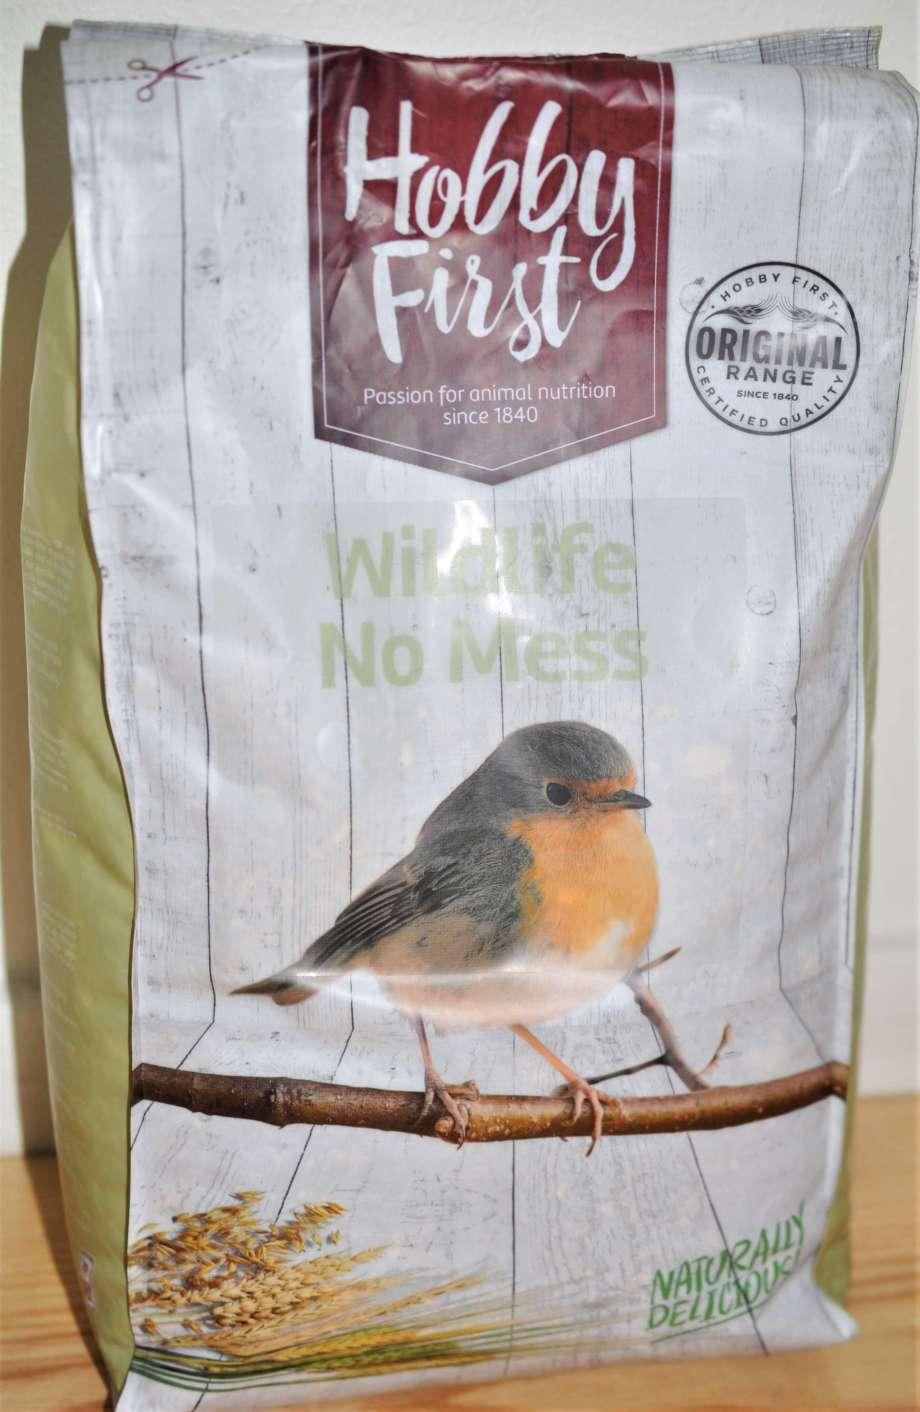 säck med fågelfrö från Hobby First med texten